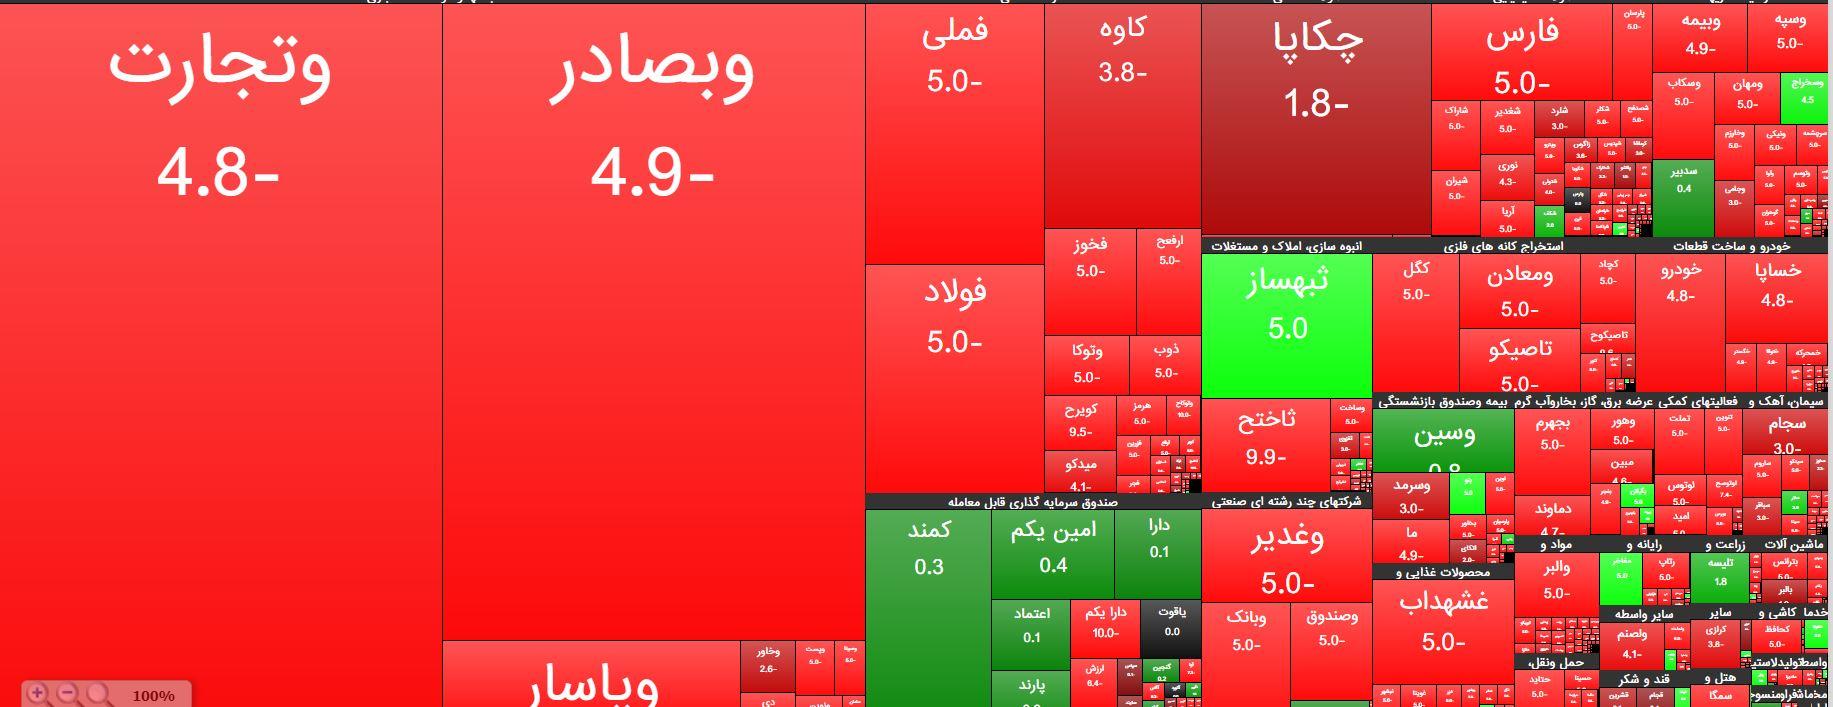 ریزش بازار سهام/بورس قرمز شد